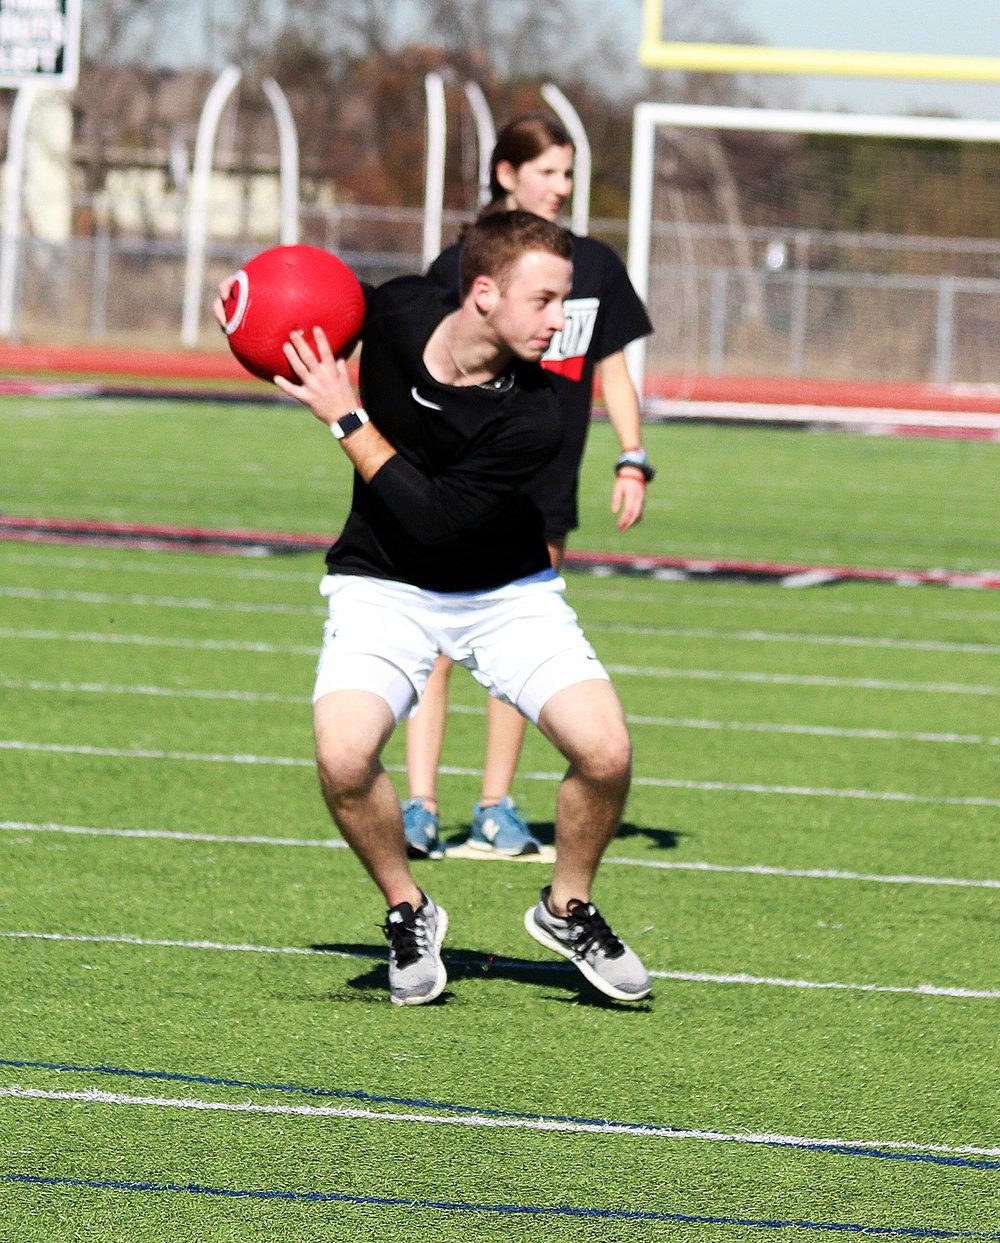 kickball 5.jpg